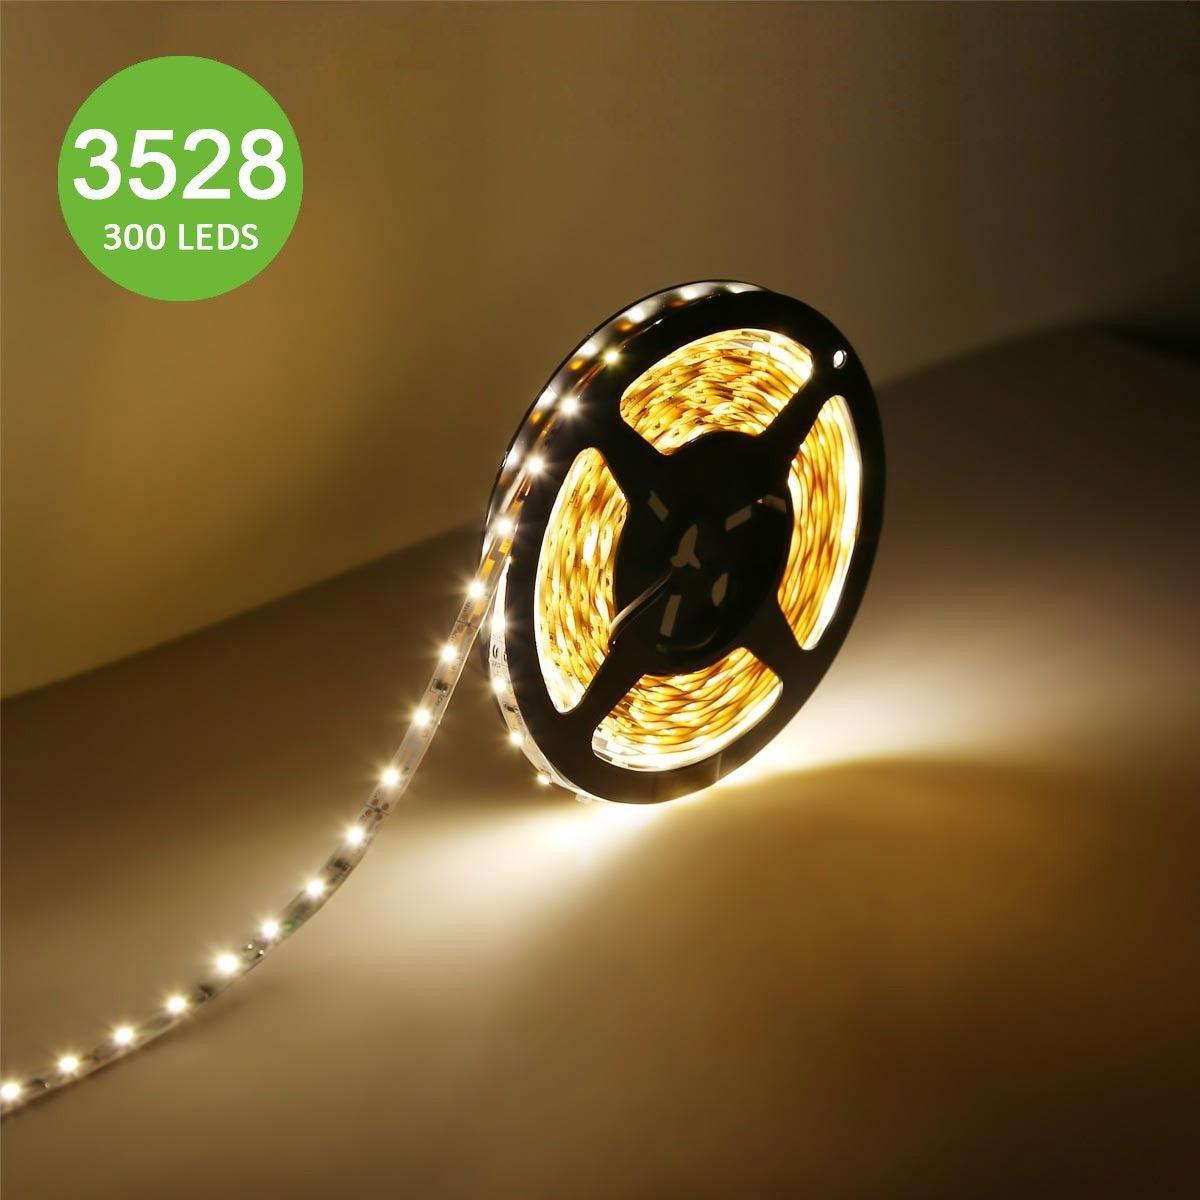 12v Led Streifen Indirekte Beleuchtung Fur Decke 3528 Leds 5m Led Strip Lighting Strip Lighting Led Tape